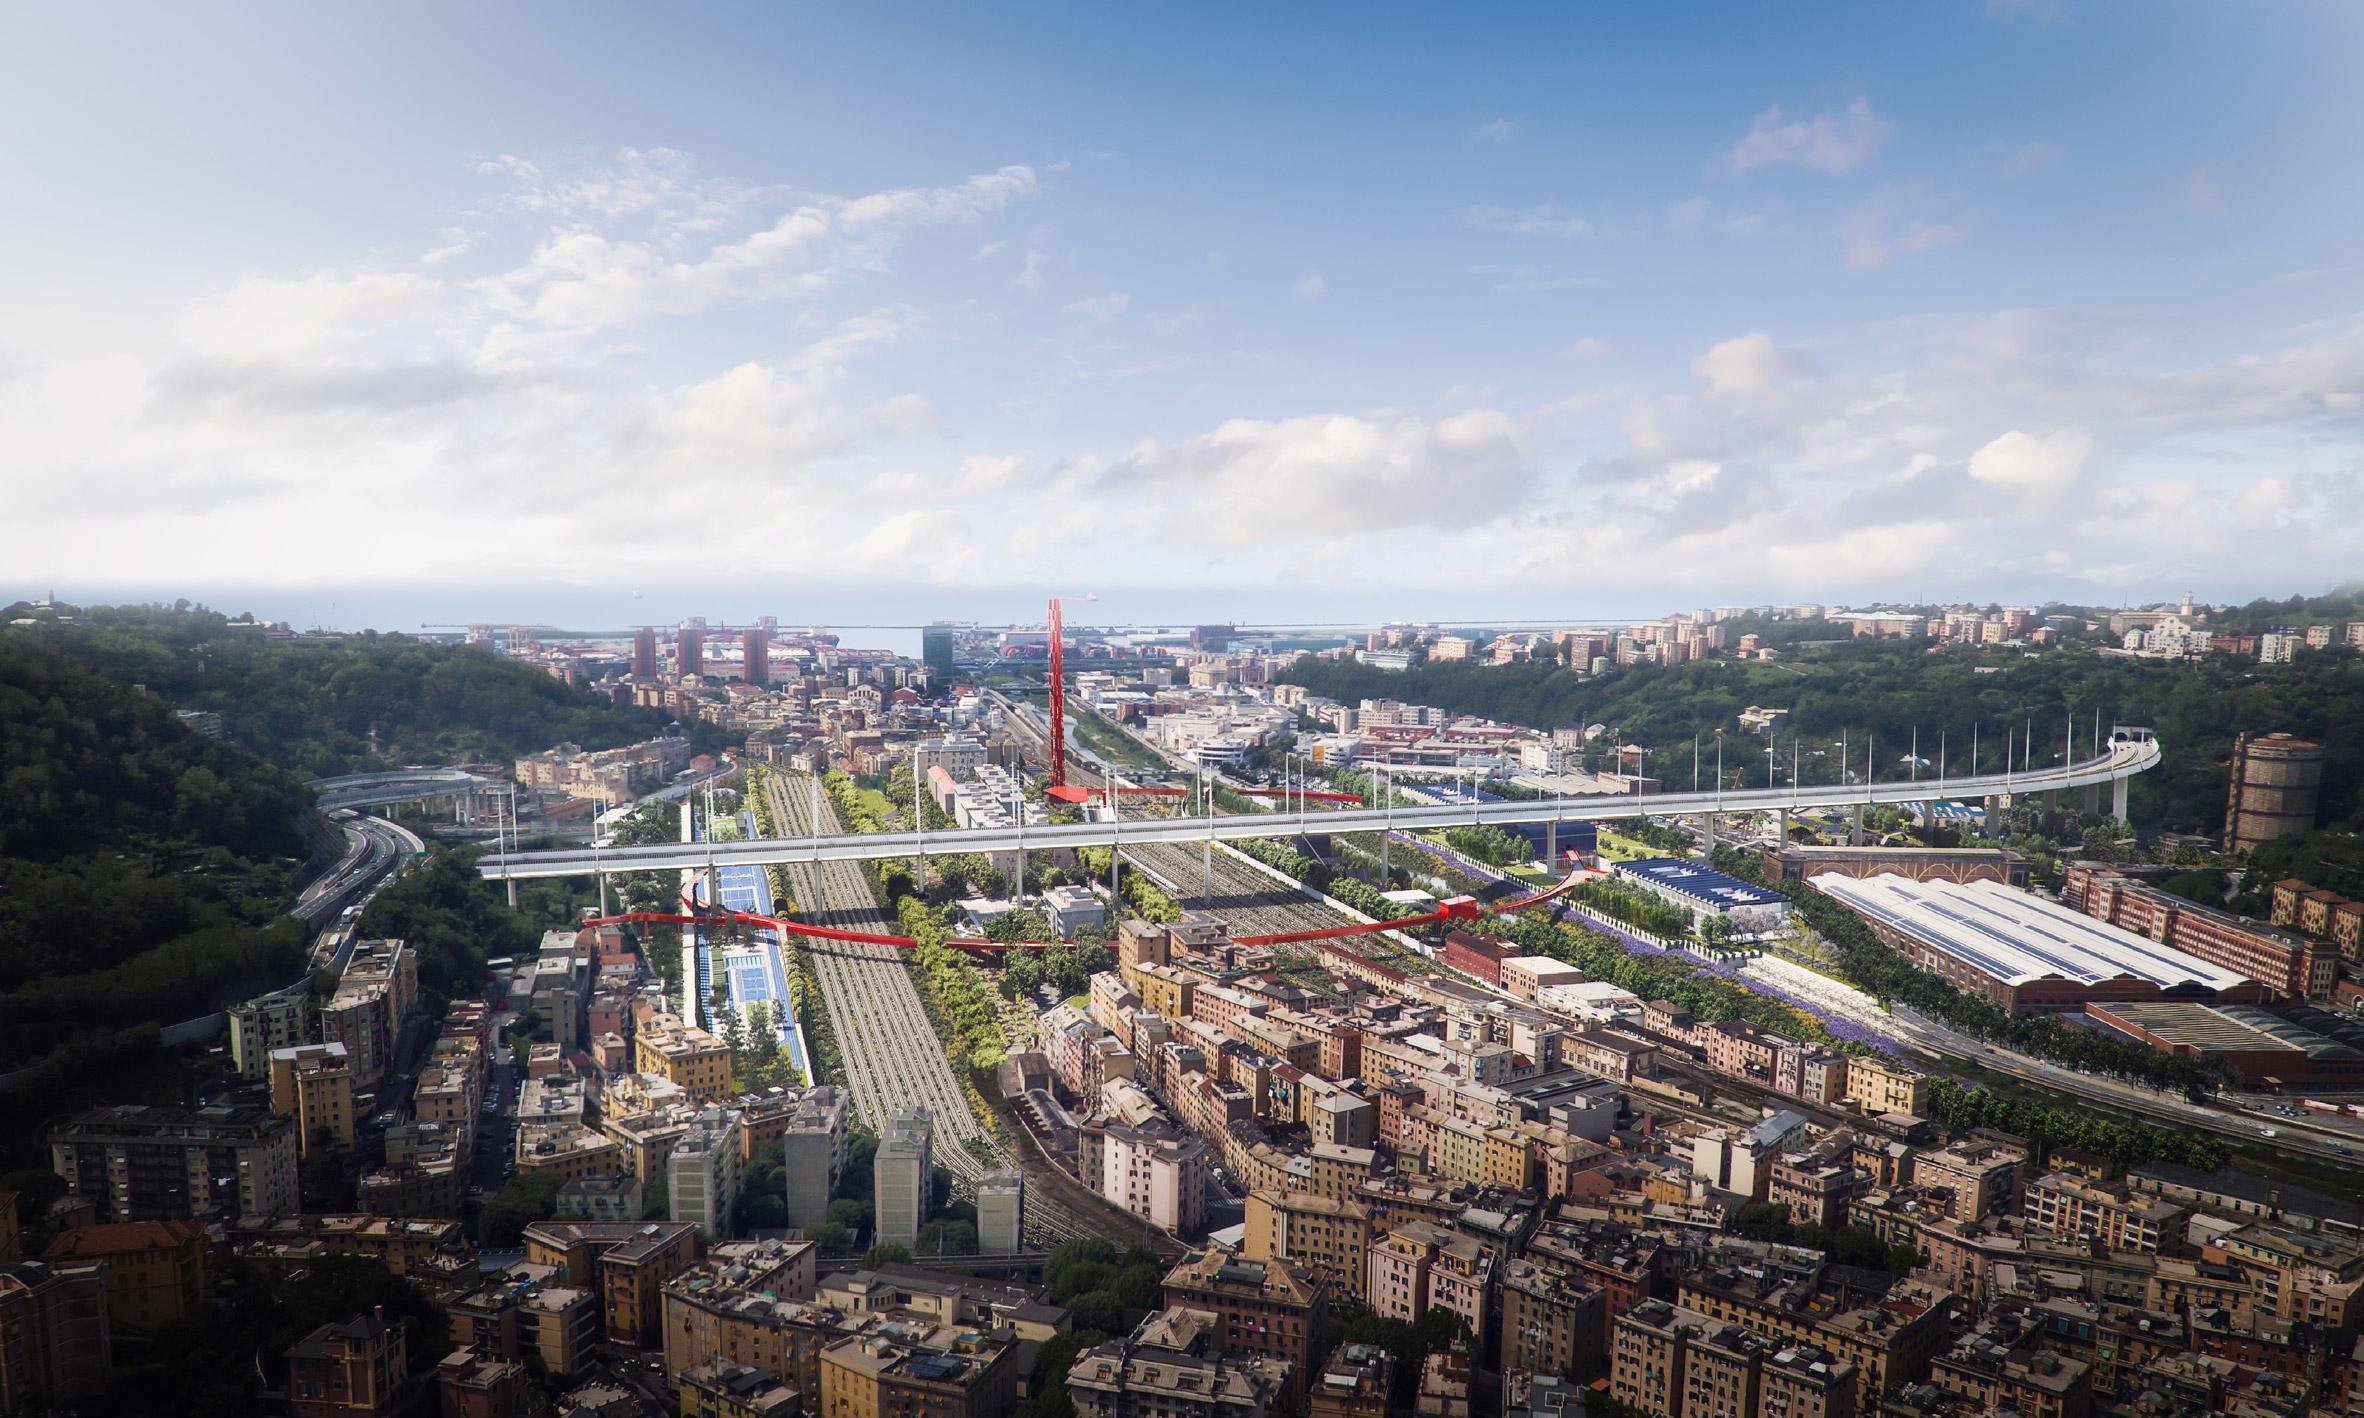 Il Parco del Polcevera, il progetto di Boeri per il parco sotto il ponte di Genova